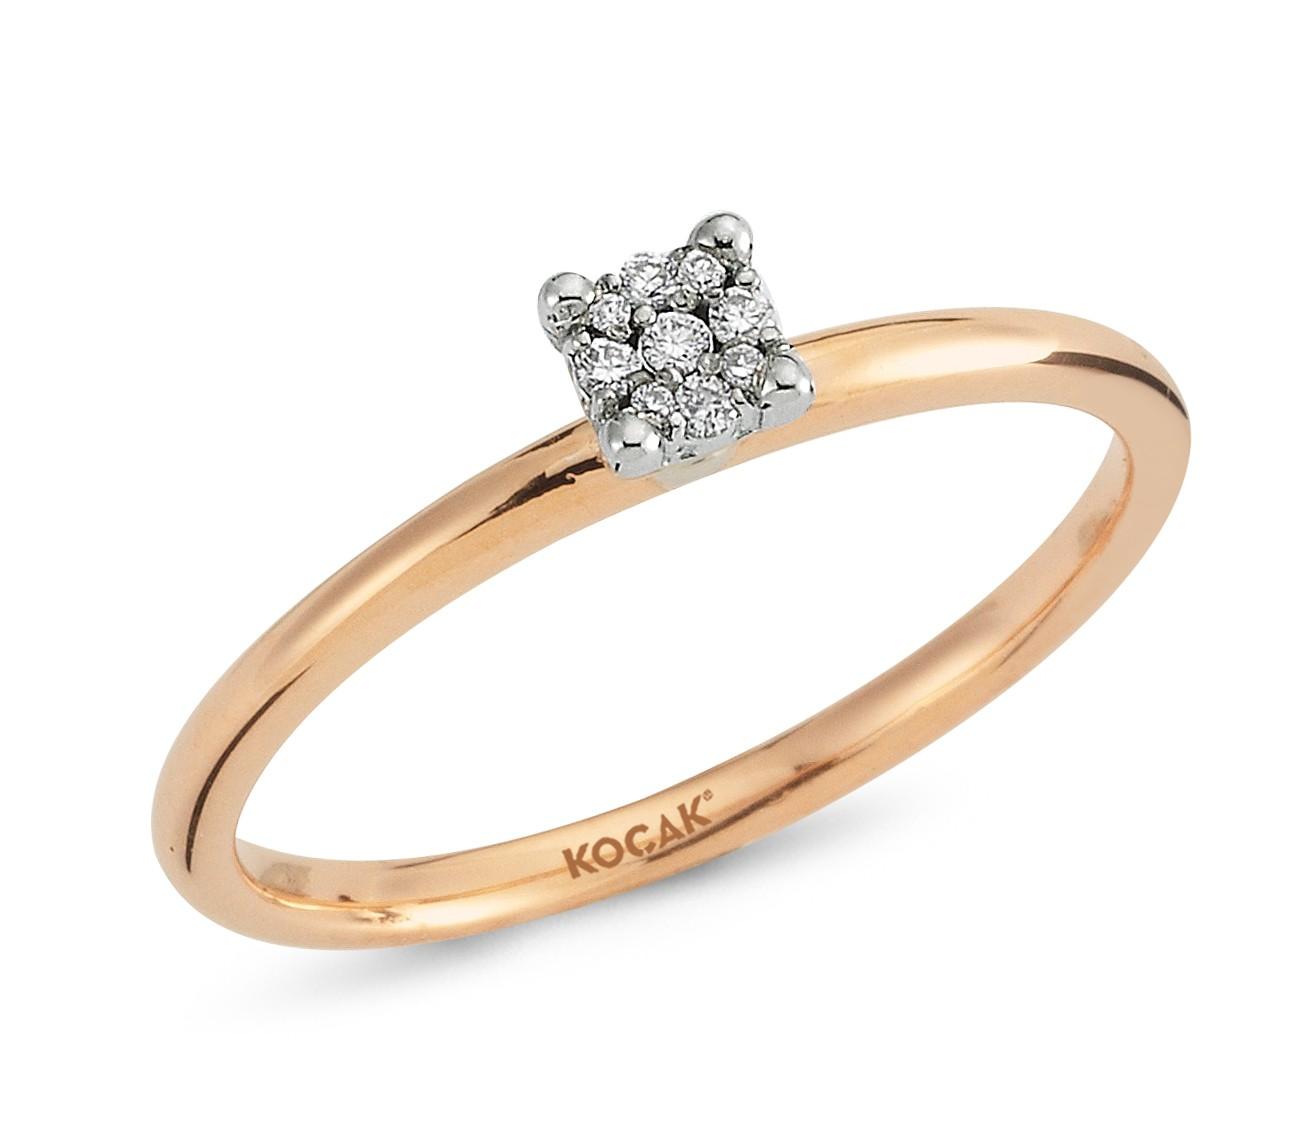 750 Kocak Gold | Rose Diamant Ring